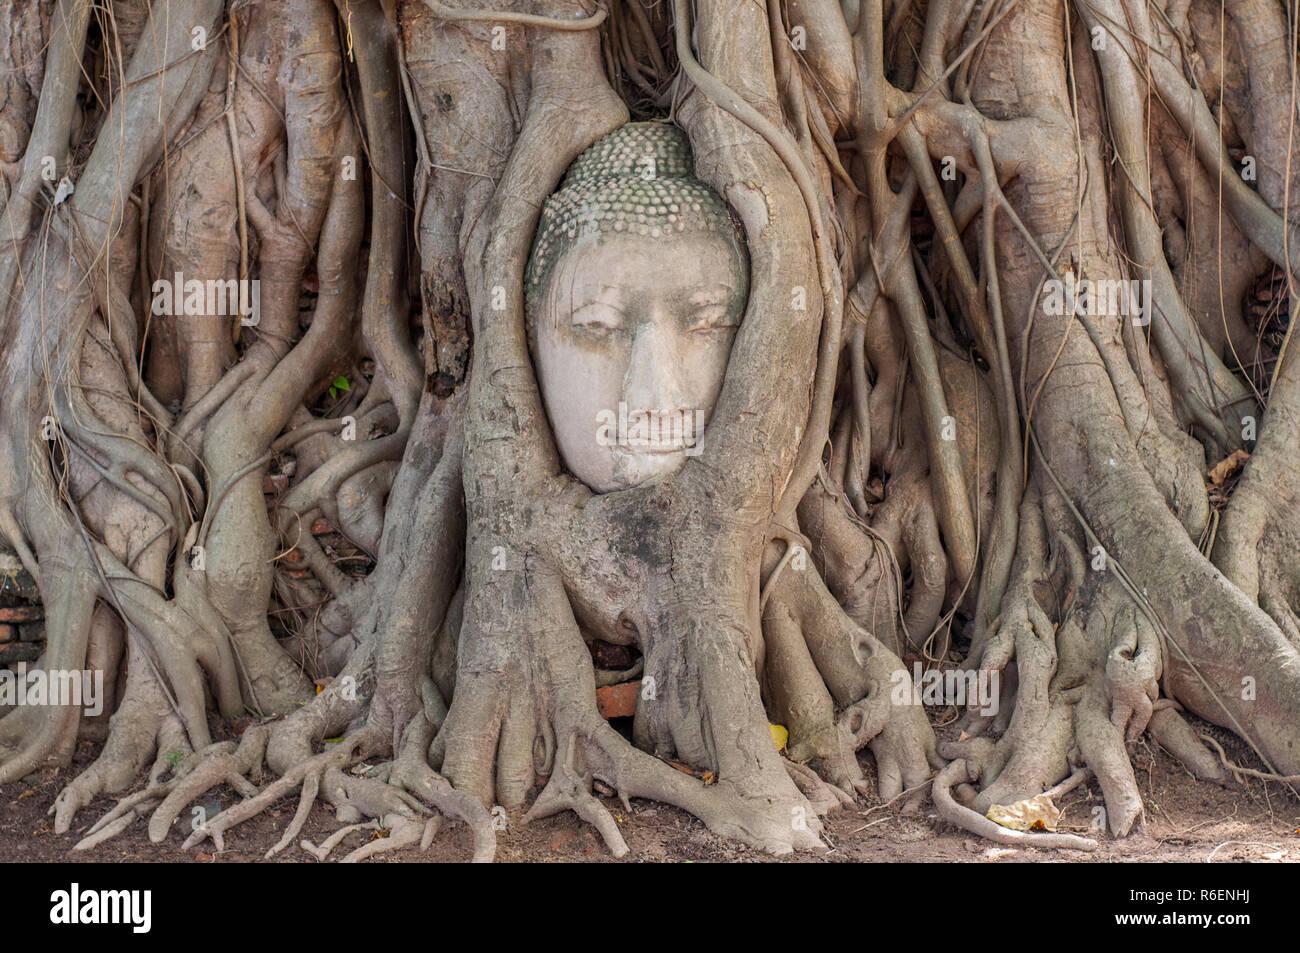 Gran Piedra Cabeza Buda en Higuera raíces, Wat Mahathat, Ciudad de Ayutthaya, Tailandia, el sudeste de Asia, Asia Foto de stock